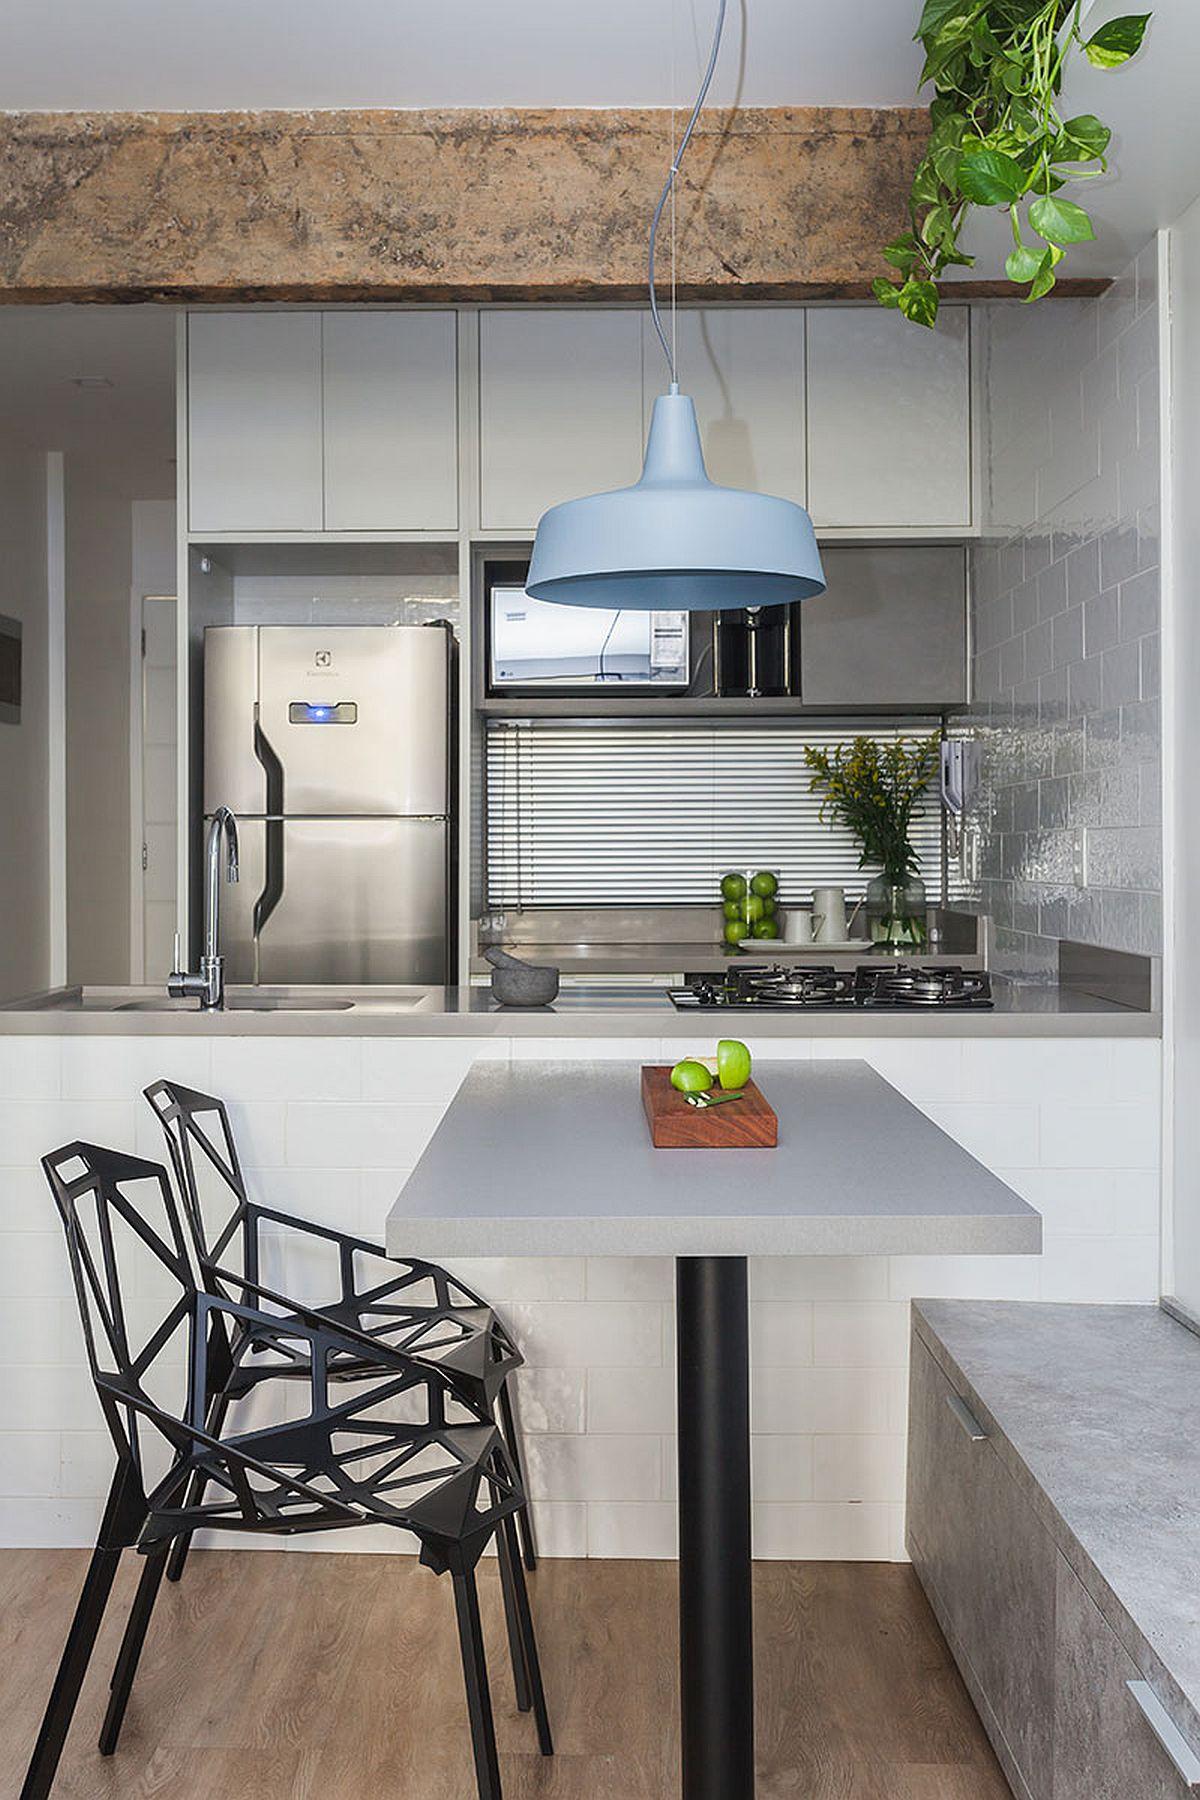 Pentru a eficientiza la maximum bucătăria, designerii au prevăzut locul de chiuvetă și plită pe blatul mesei insulă sistuată în fața bucătăriei. Pentru a fi evitate accidentele, blatul cu dotările din bucătărie nu a fost prelungit cu loc de masă, ci a aceasta a fost configurată perpendicular. Pentru o mai bună exploatare a spațiului locul de masă are o parte fixă, respectiv banca de pe lîngă perete, care este folosită și pentru depozitare.